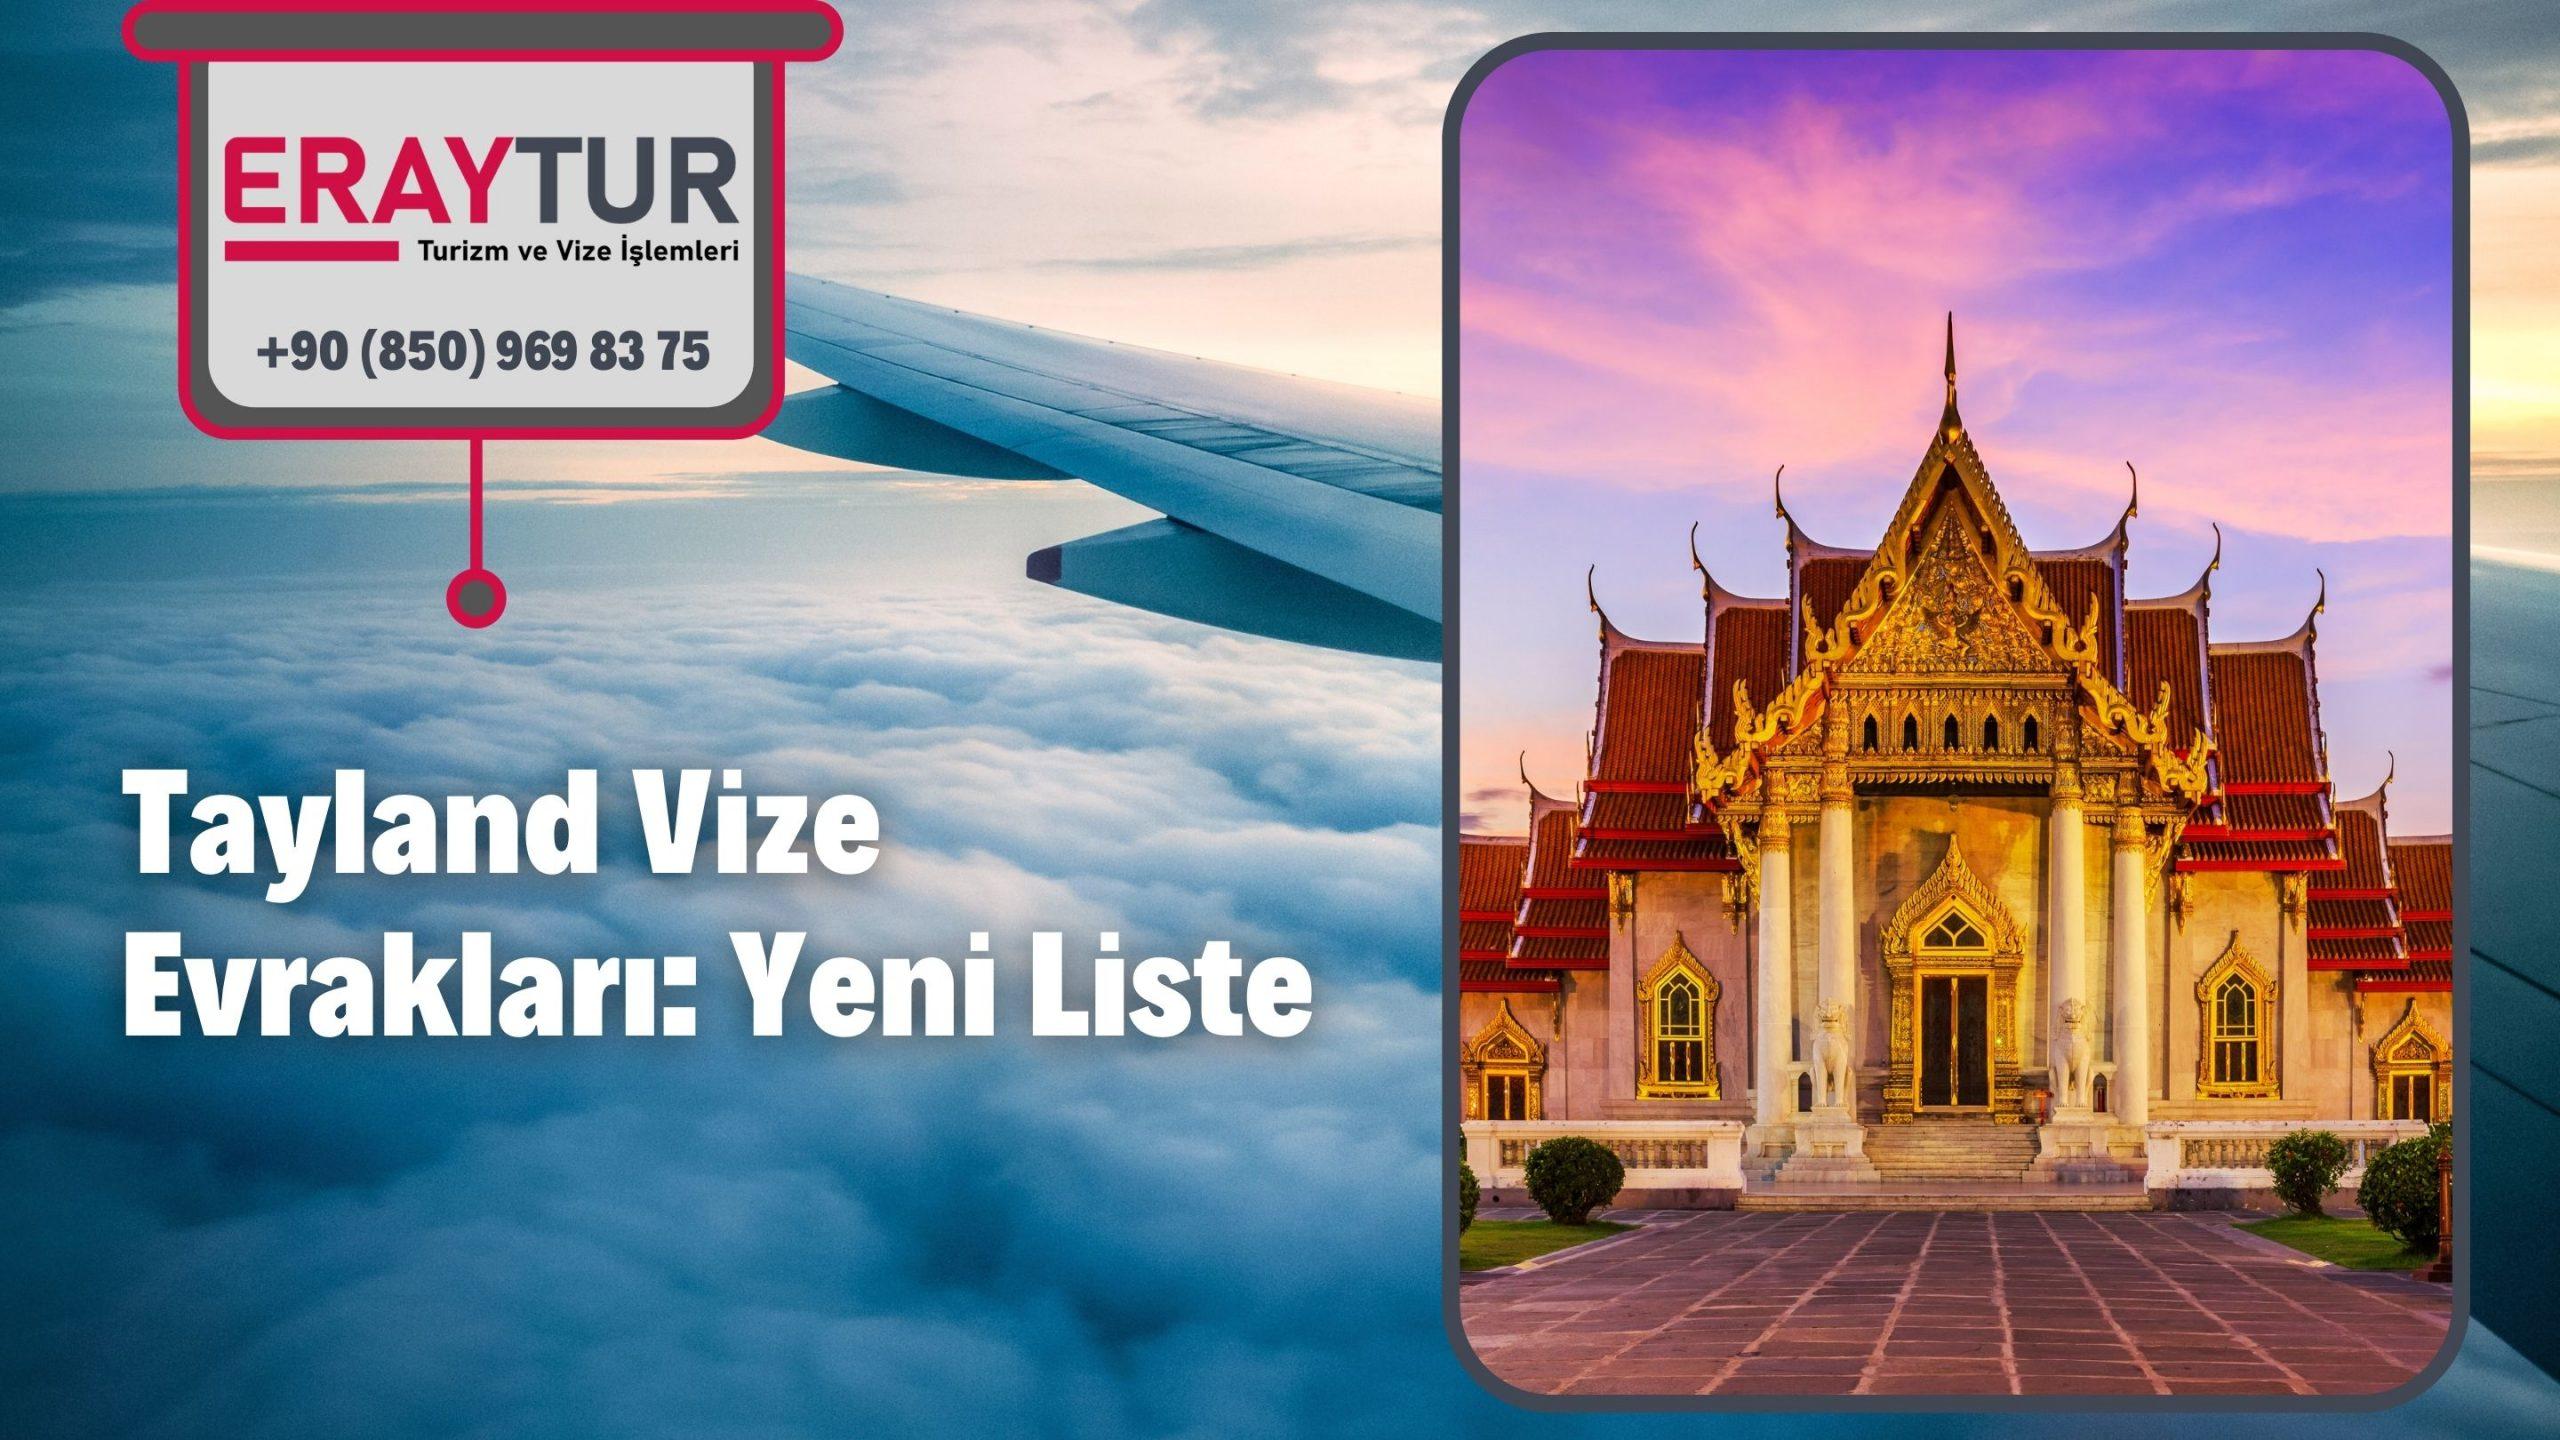 Tayland Vize Evrakları: Yeni Liste [2021]